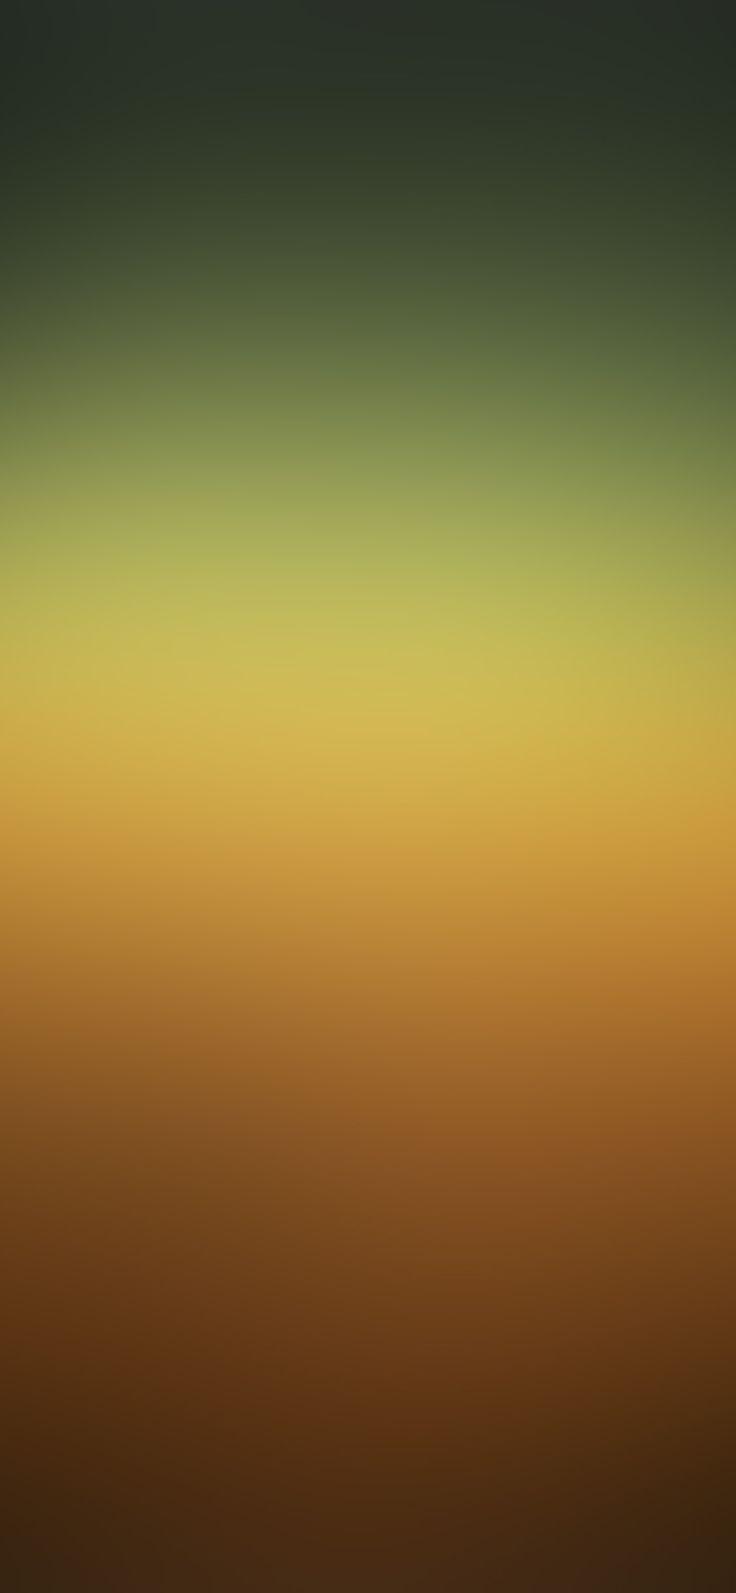 sm16-orange-green-blur-gradation via iPhoneXpapers.com - Wallpapers for iPhone X sm16-orange-green-blur-gradation via <a href=